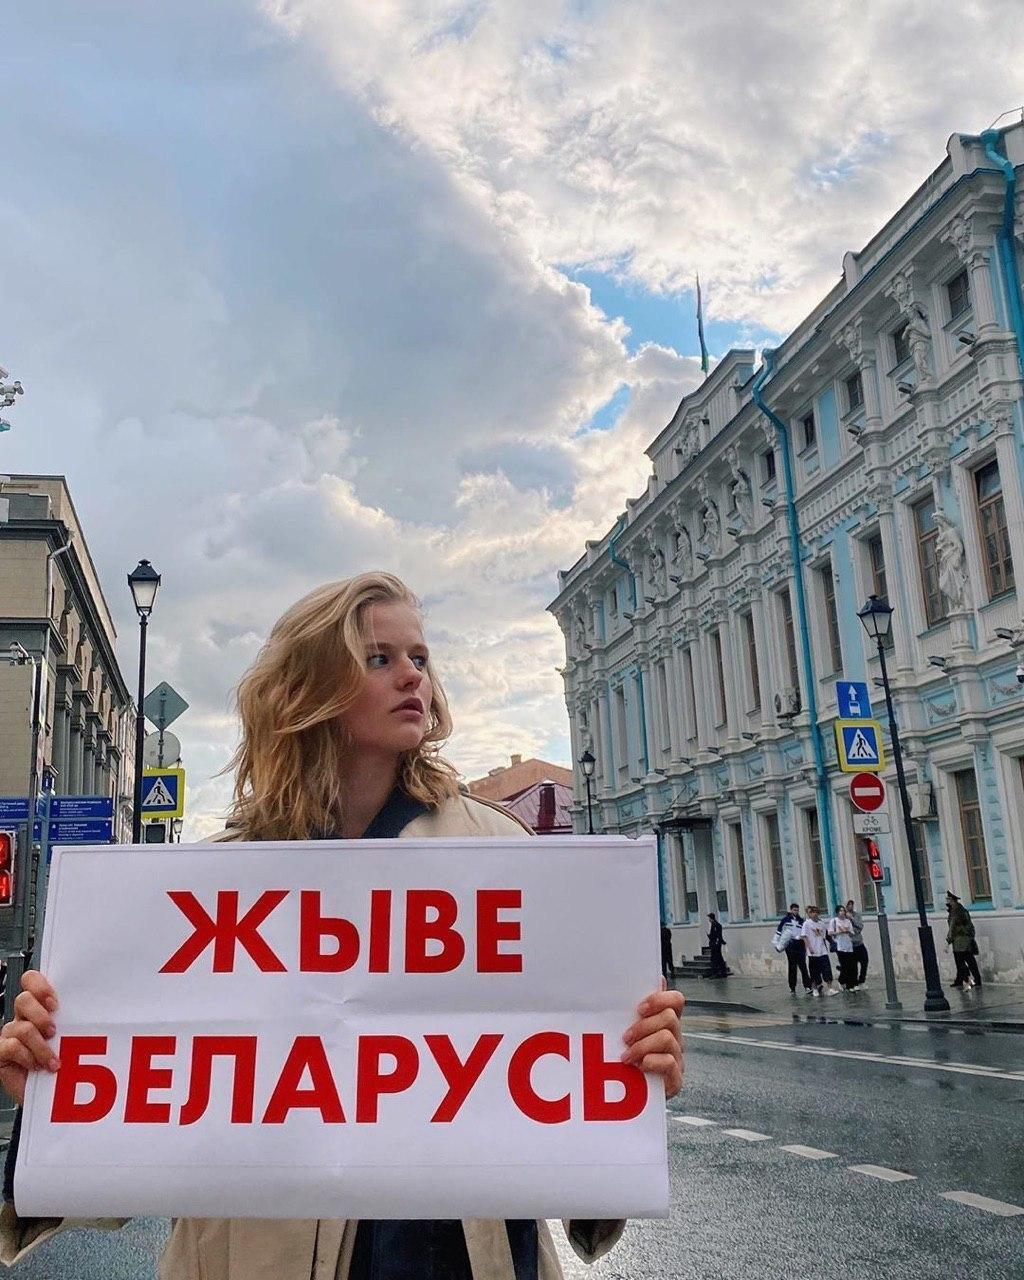 Саша Бортич вышла на протест в Москве